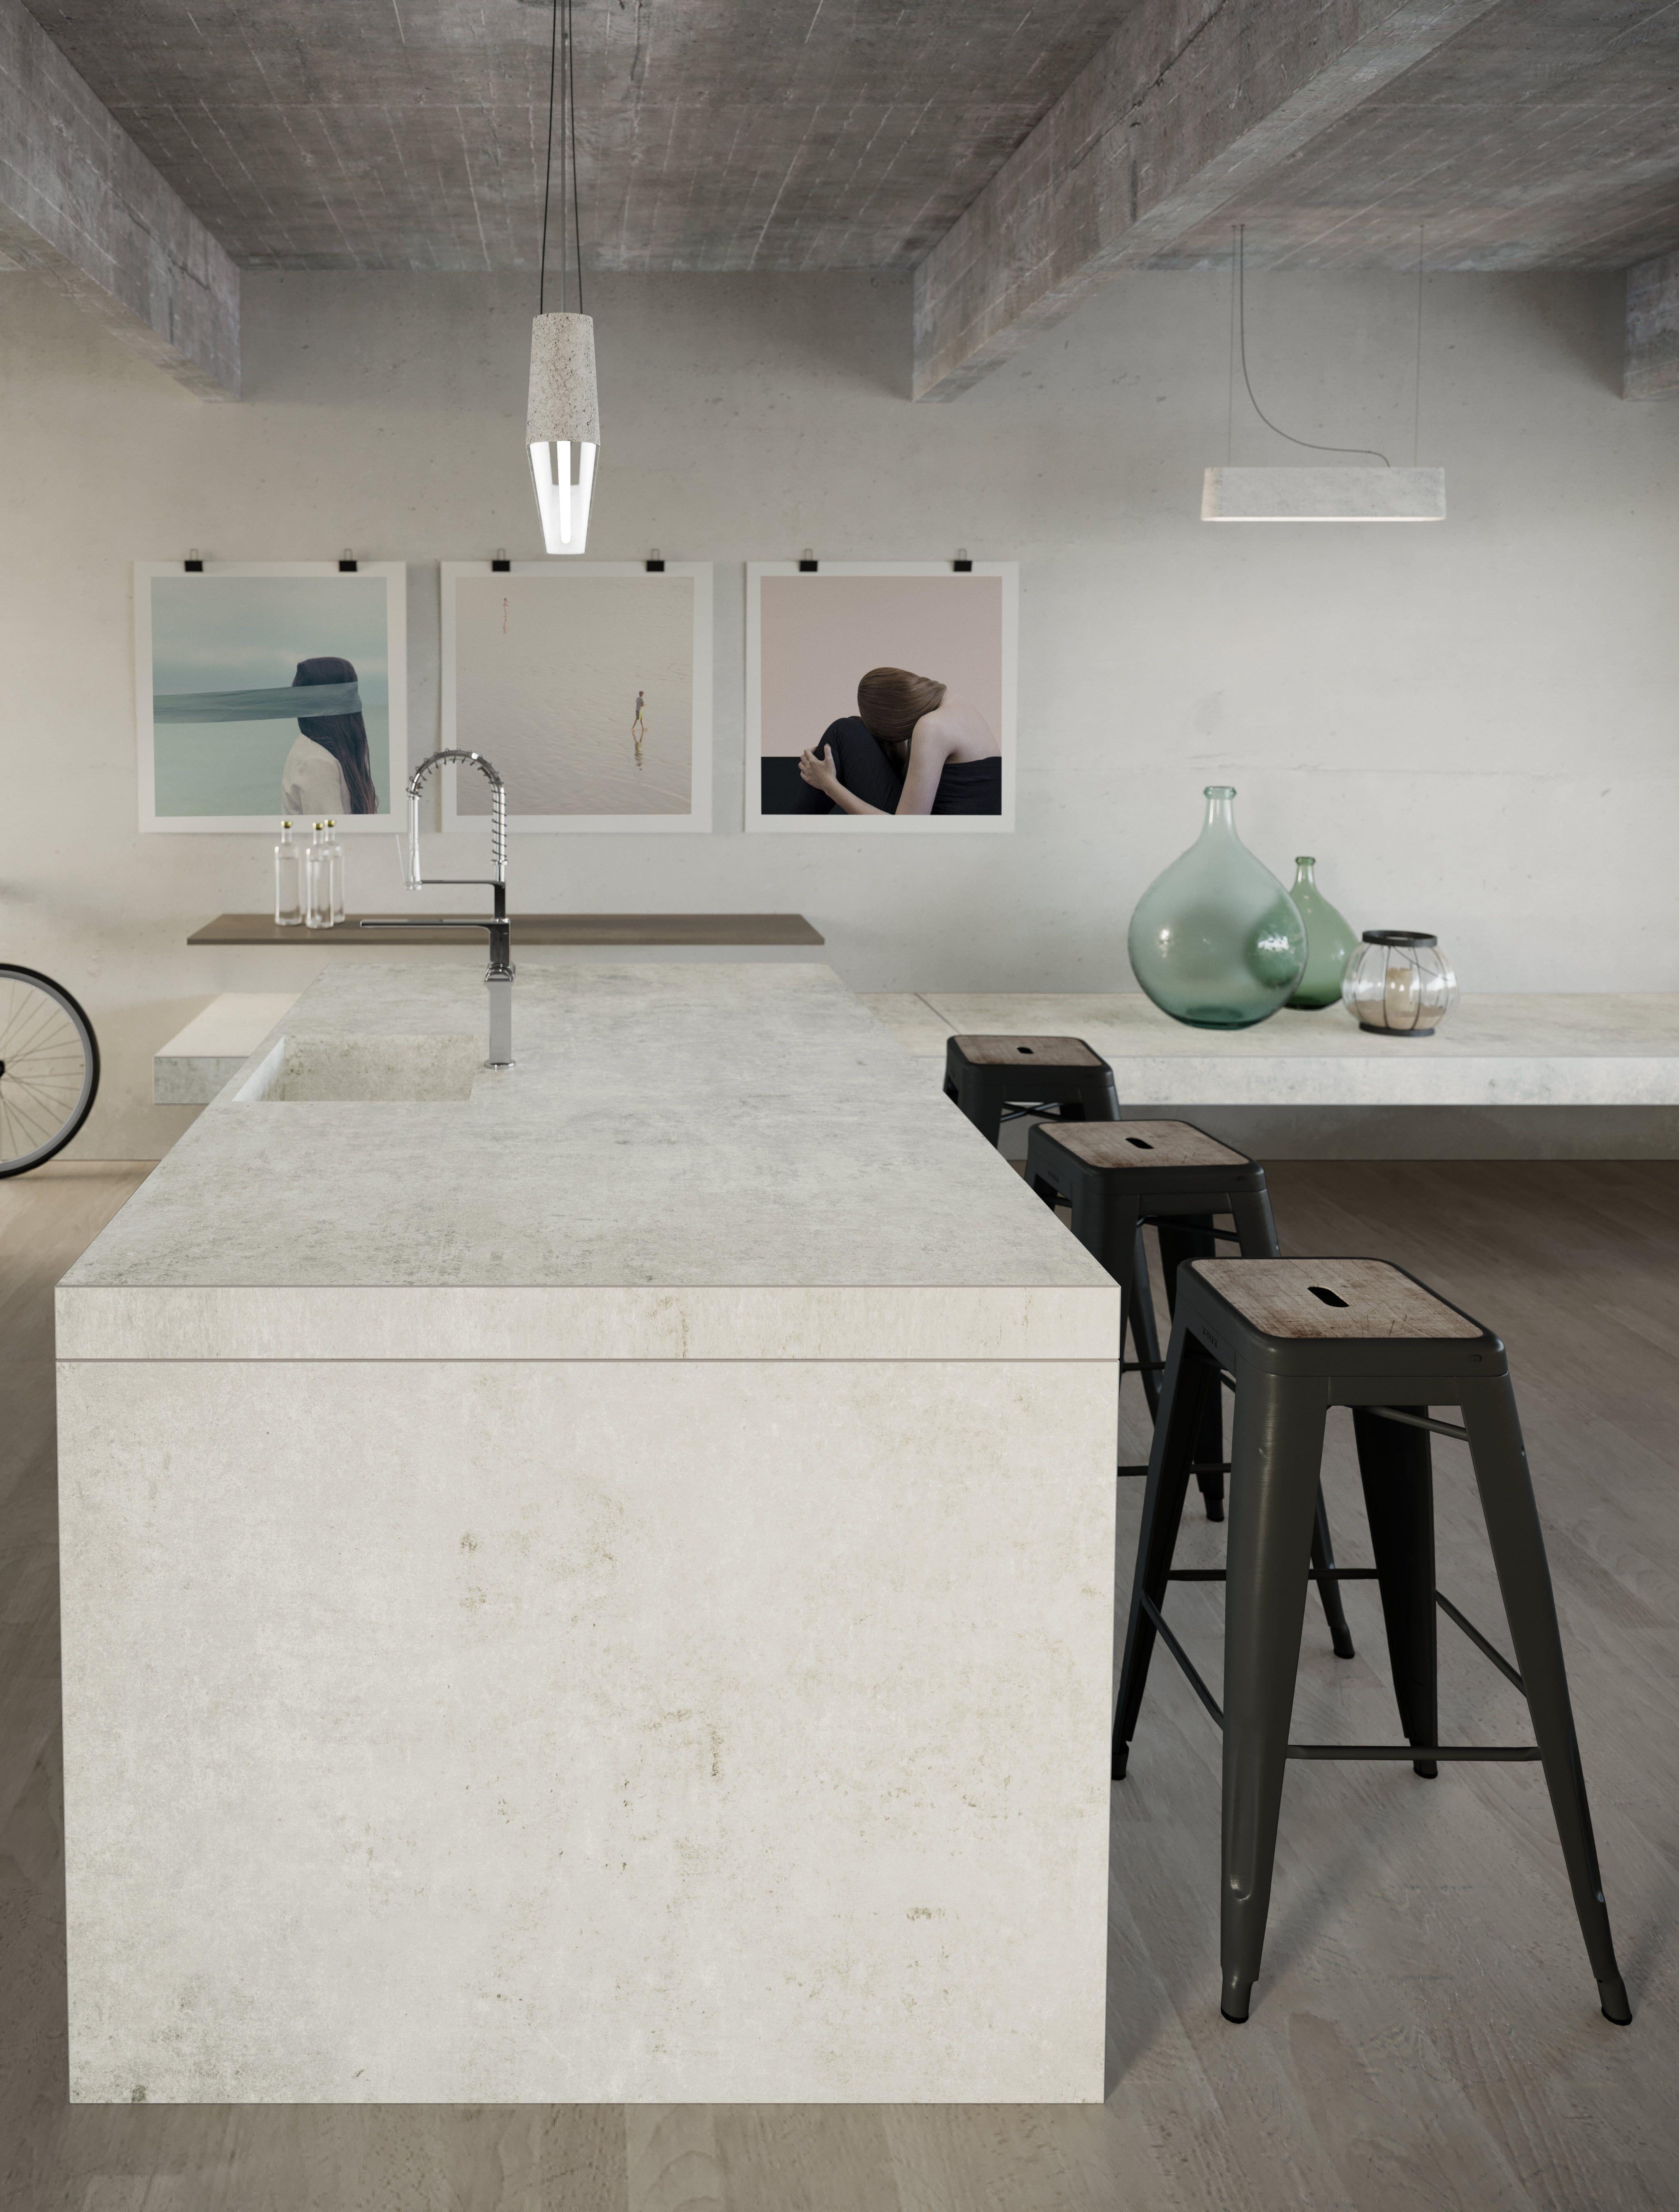 Ihre Kostenlose Musterbestellung Kuchenstudio Arbeitsplatte Betonoptik Kuchen Planung Und Kuchenplanung